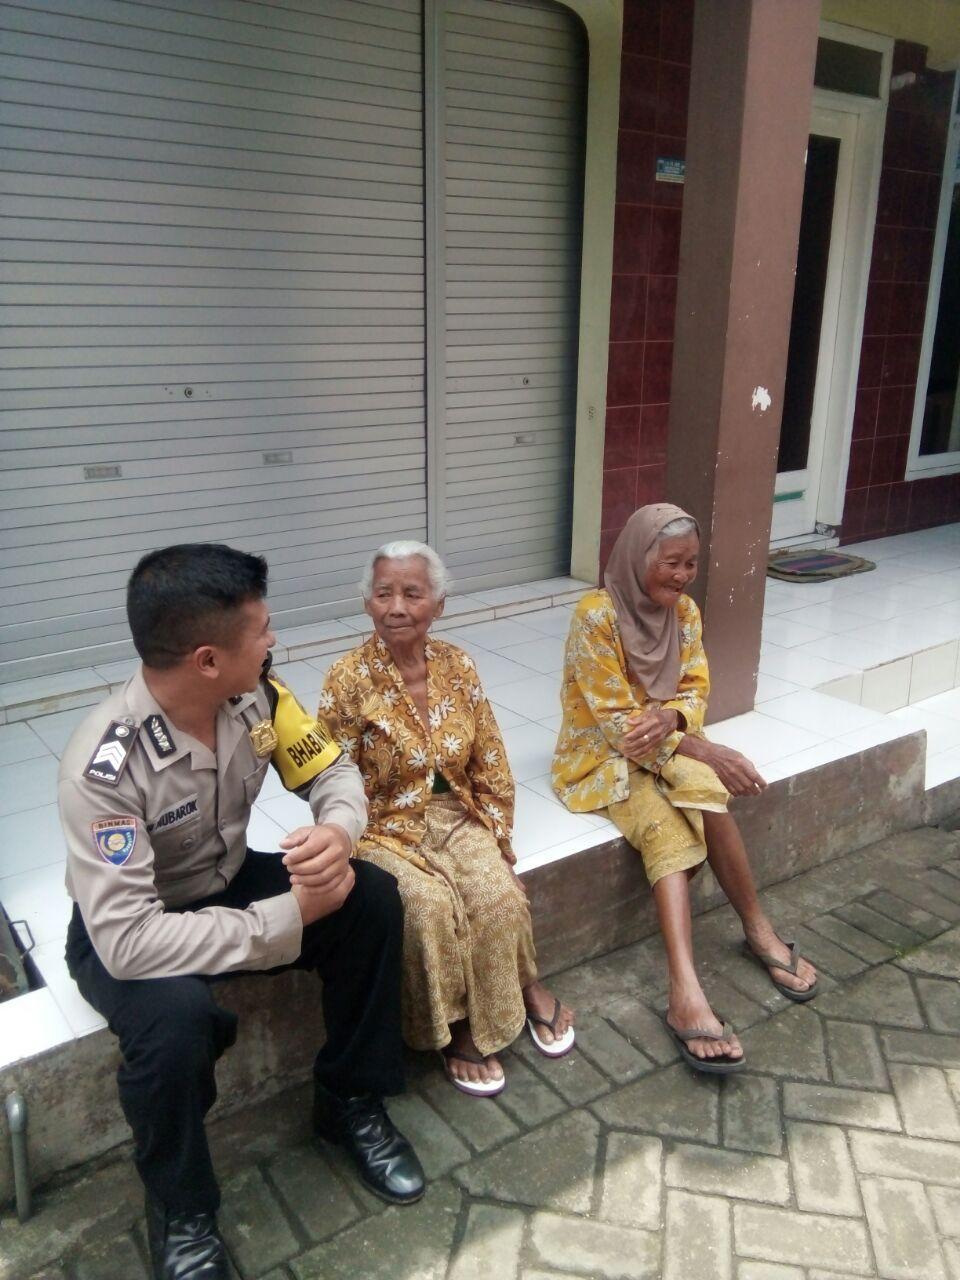 Polsek Junrejo Polres Batu Melaksanakan Kegiatan Kunjungan Warga